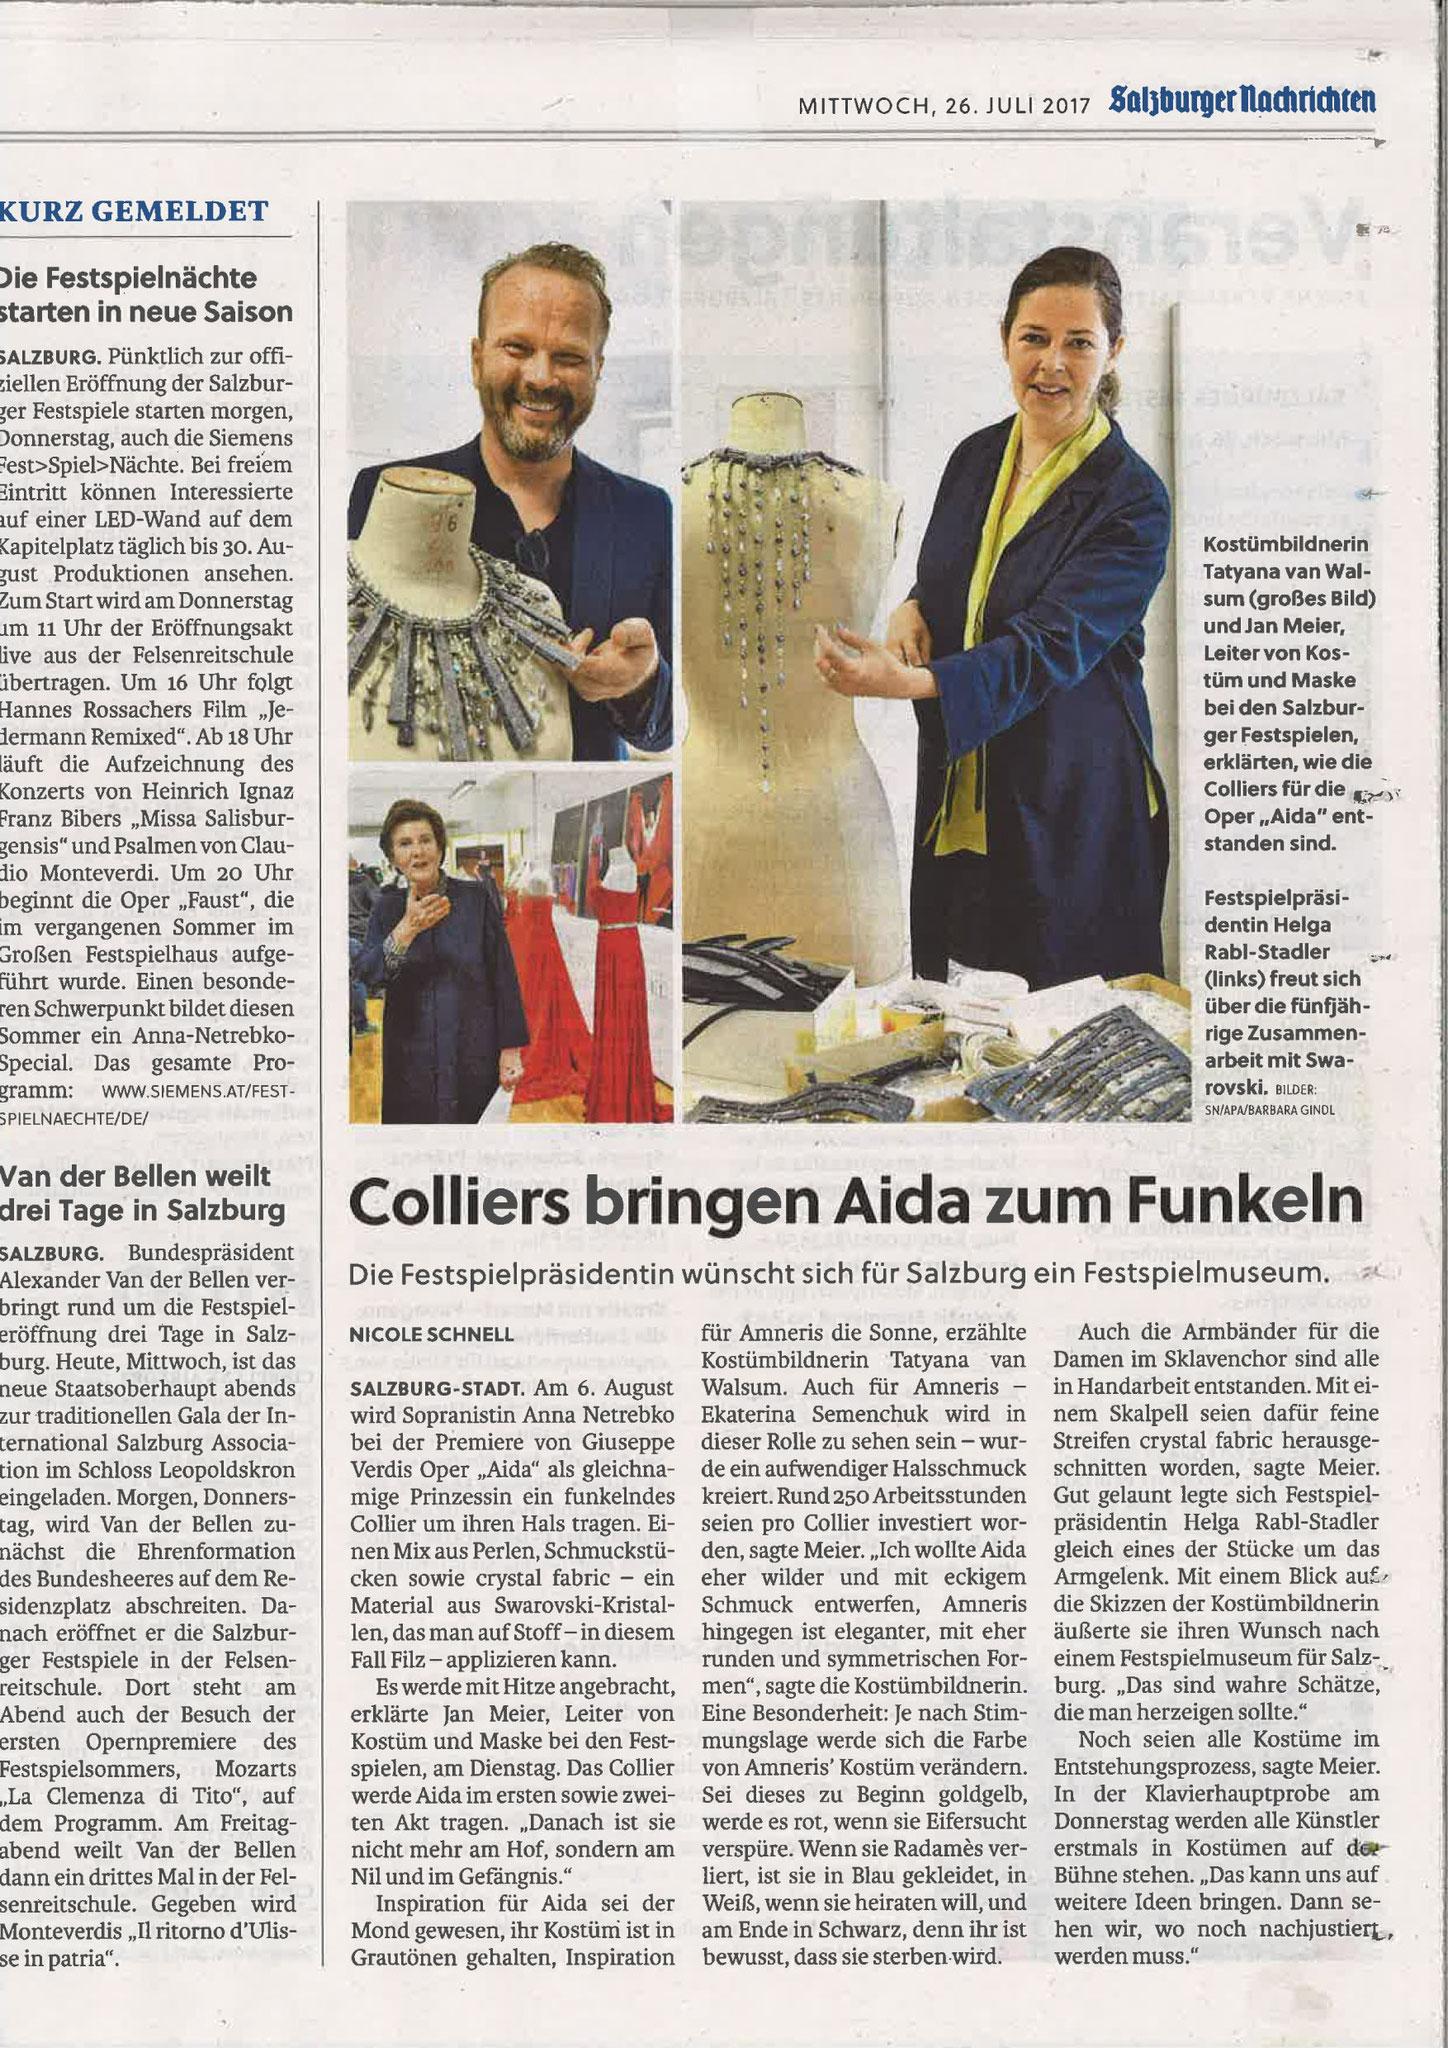 Salzburger Nachrichten, 26. Juli 2017